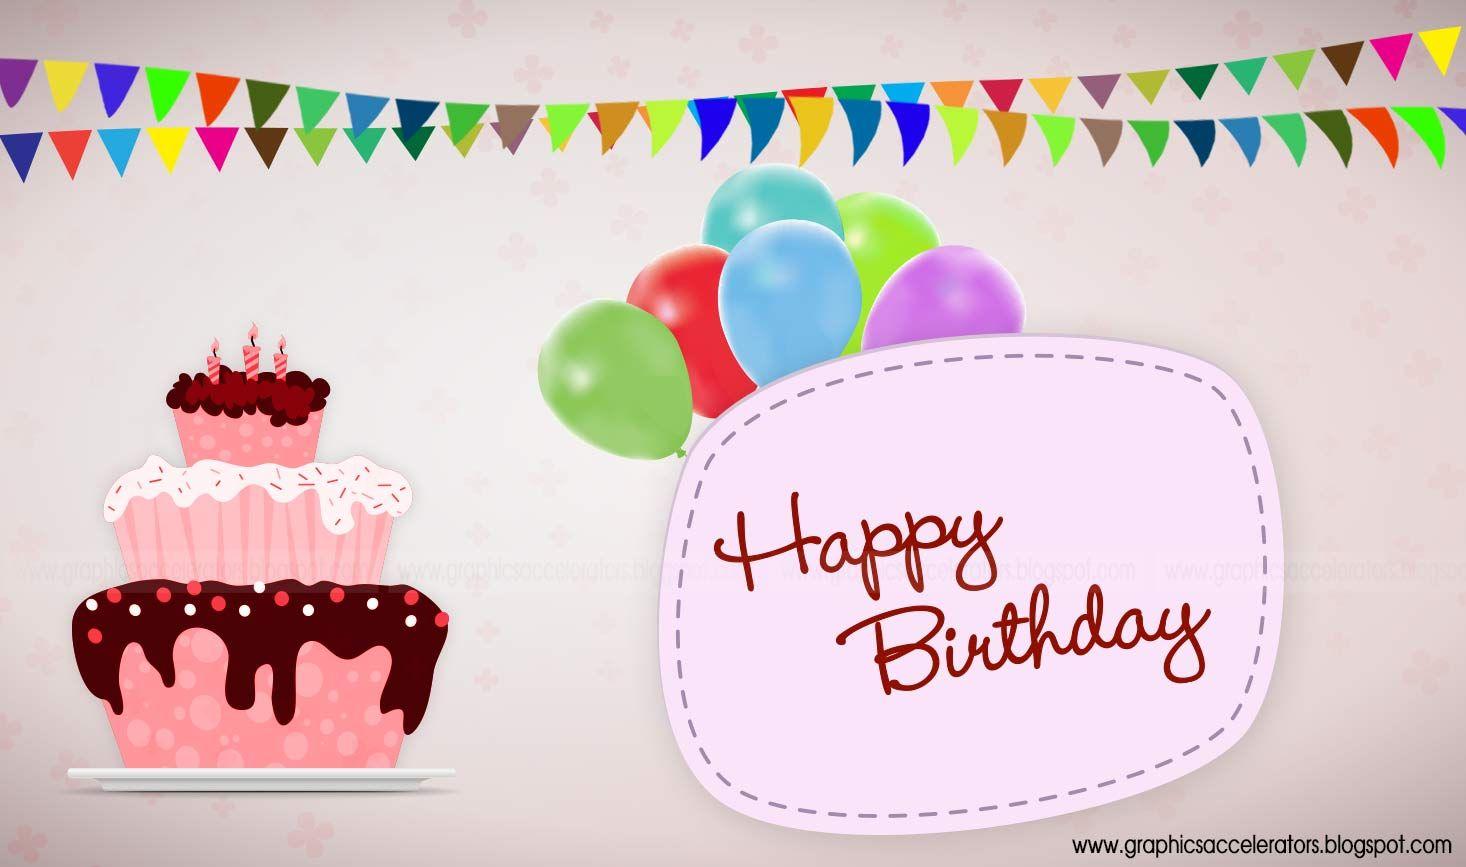 happy birthday card design online